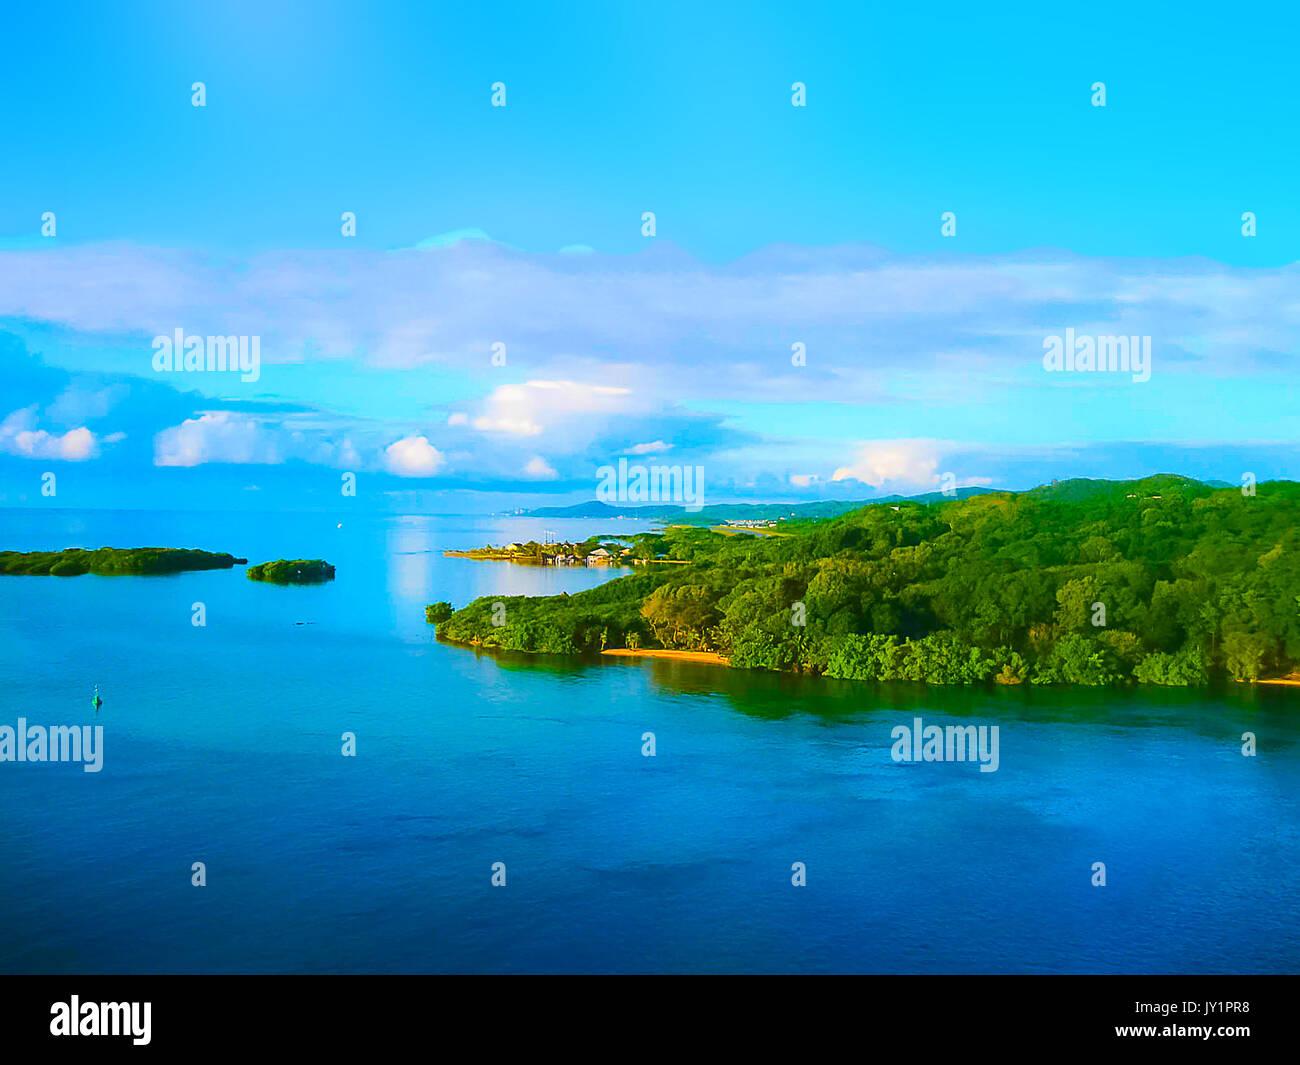 An aerial view of a tropical beach in Roatan Honduras - Stock Image